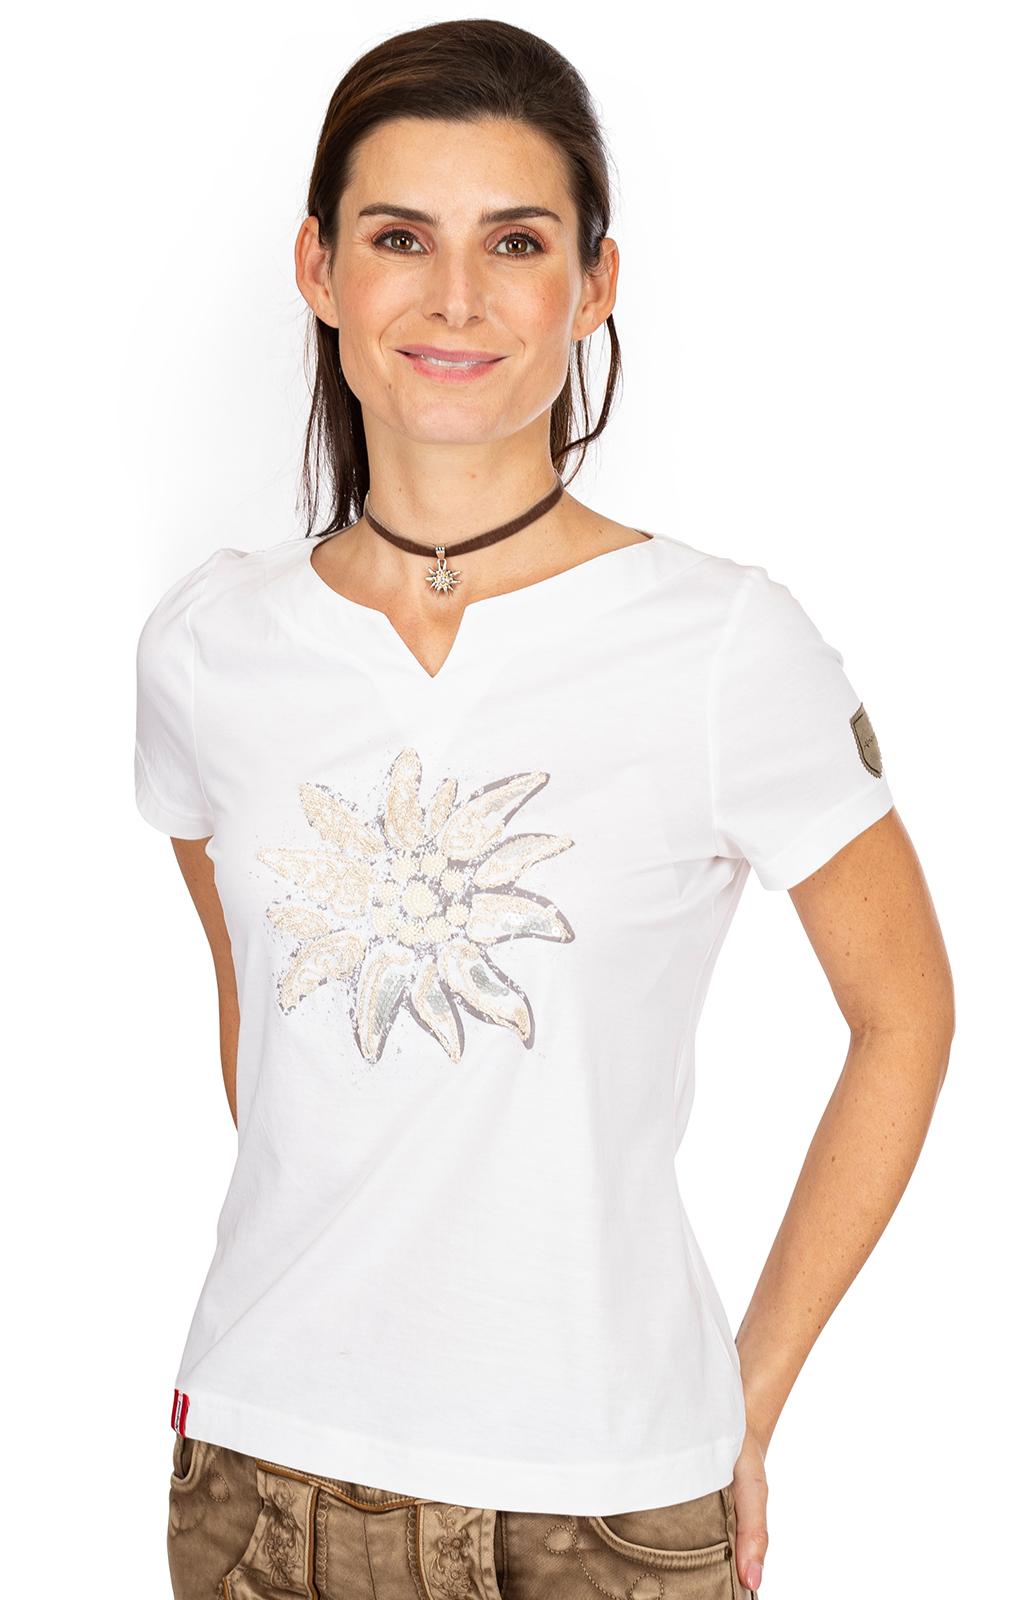 weitere Bilder von T-Shirt STRASSERALM white